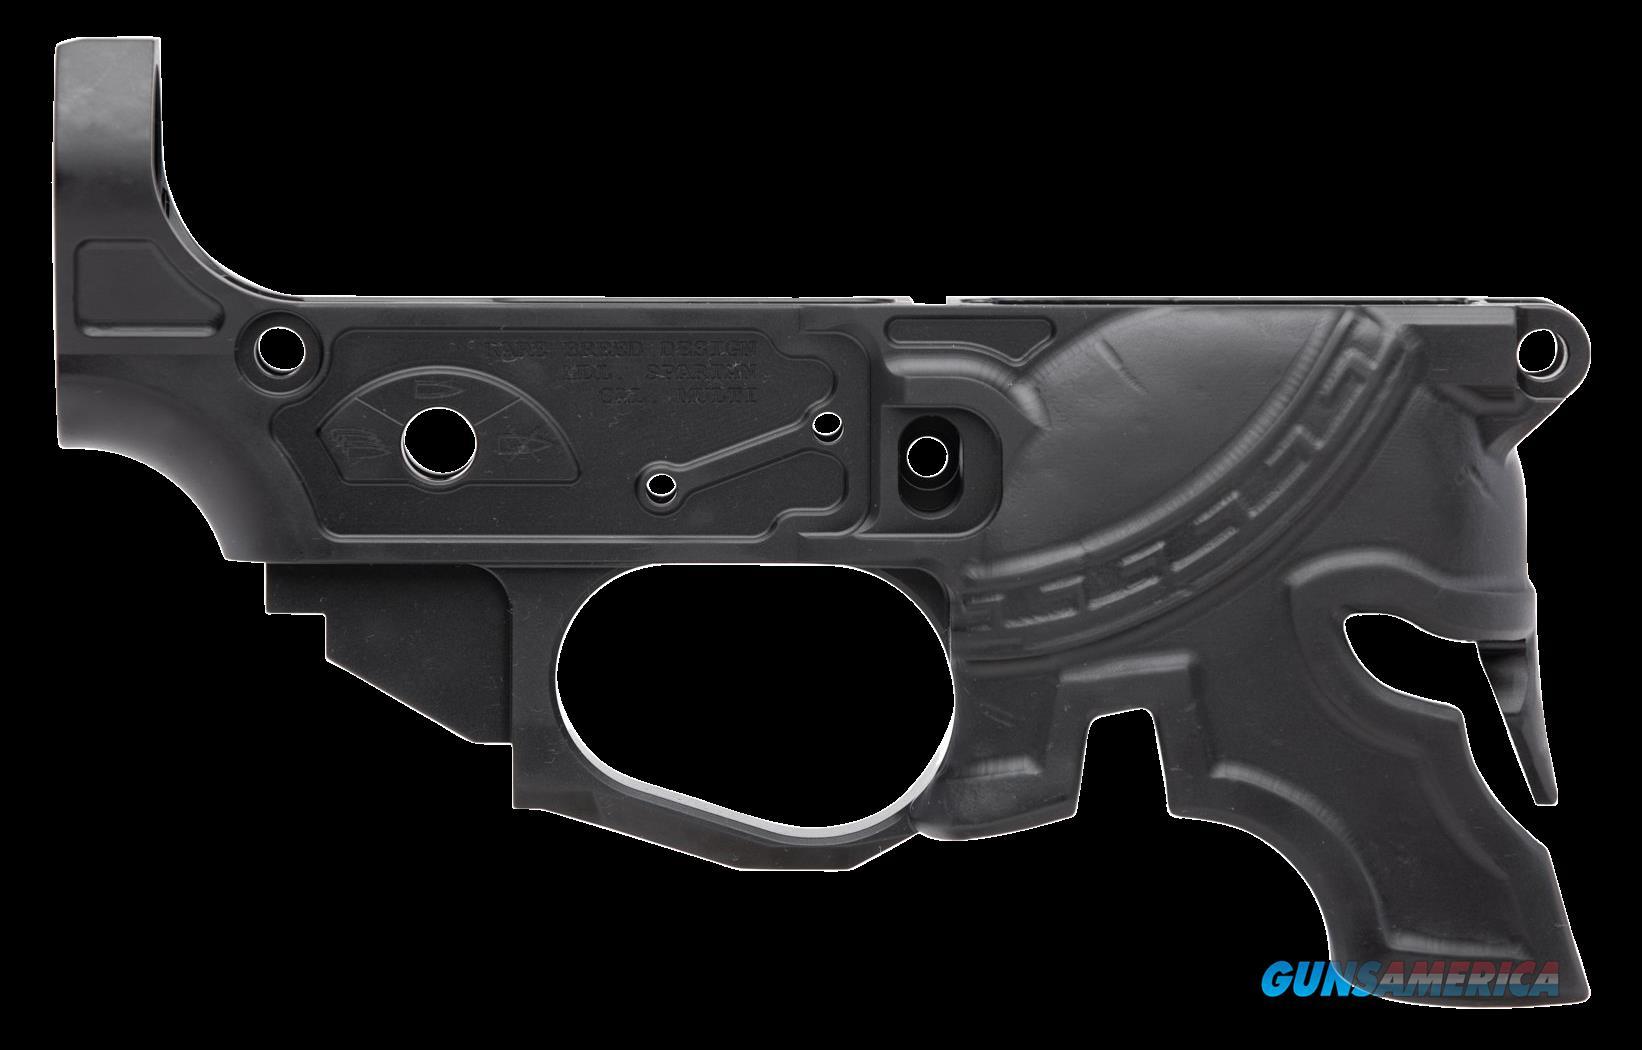 Spikes Rare Breed Spartan, Spike Stlb610     Billet Lowr Strp Spartan  Guns > Pistols > 1911 Pistol Copies (non-Colt)